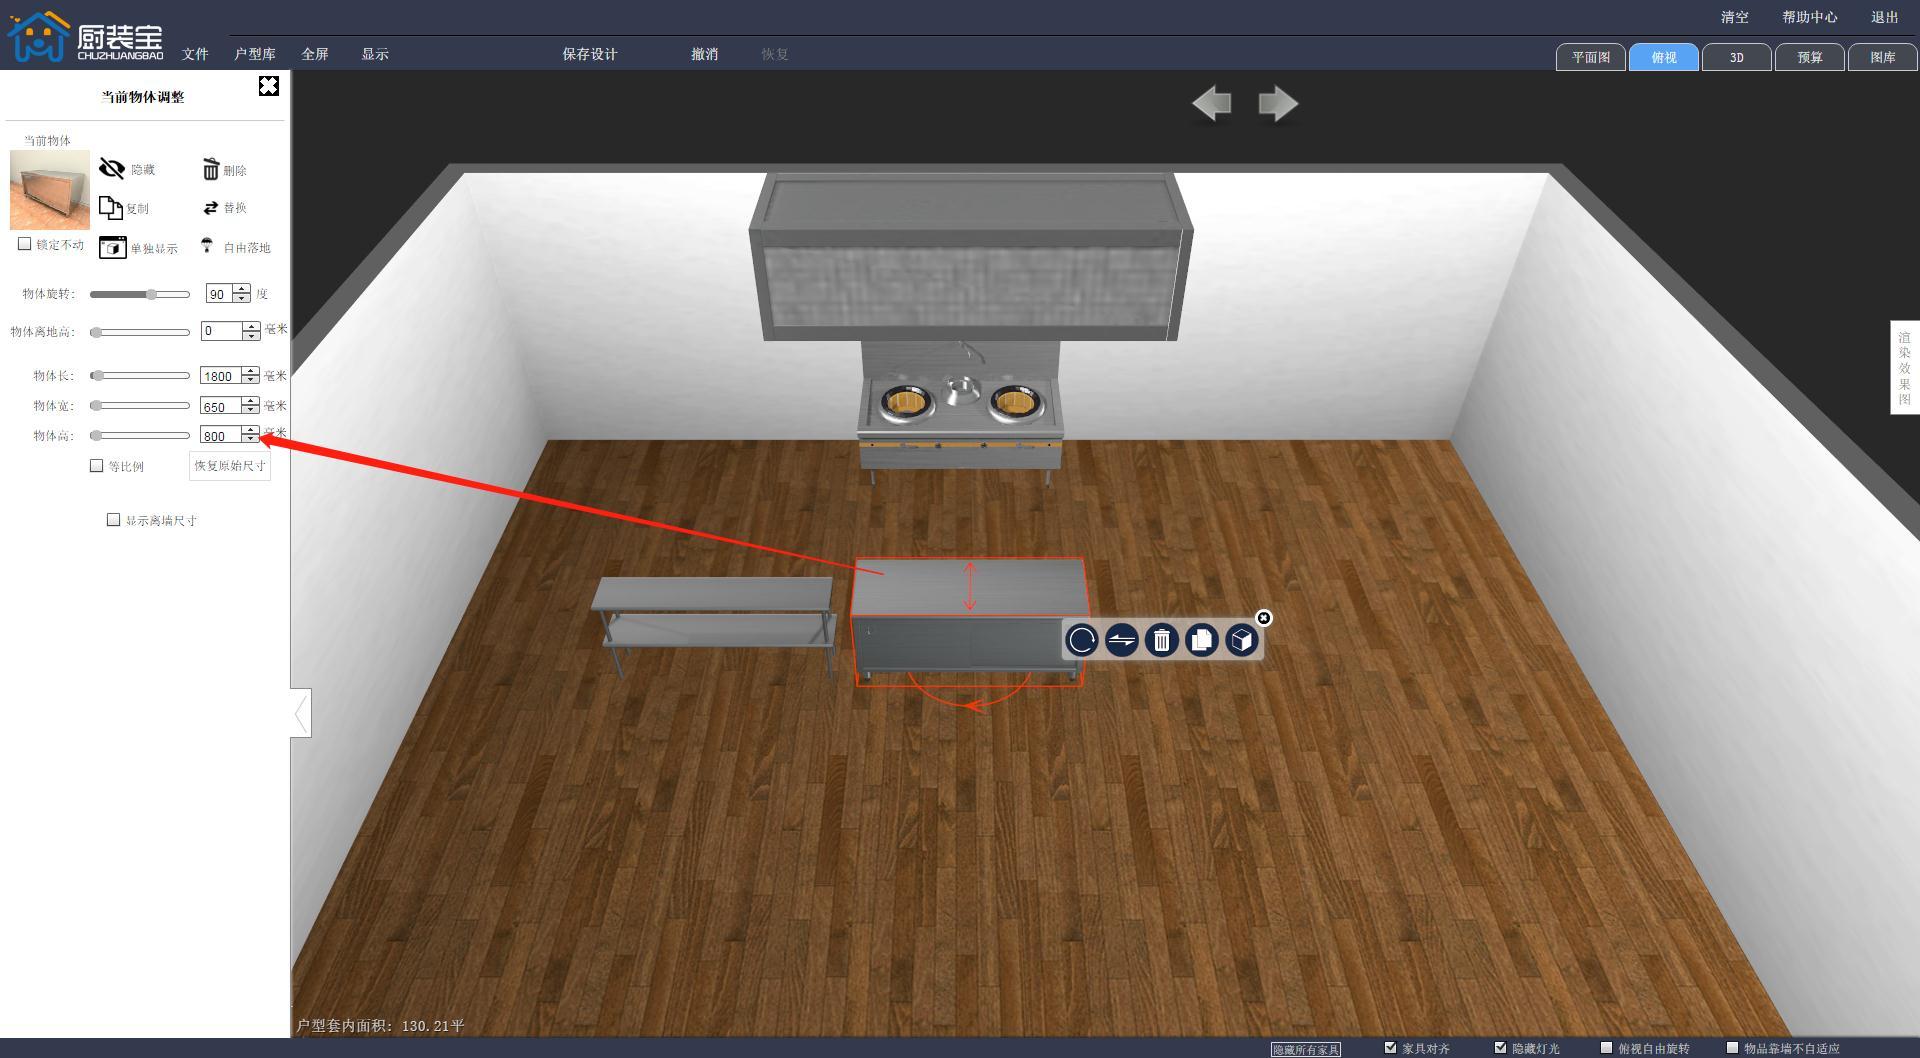 厨房宝3D云商厨设计软件